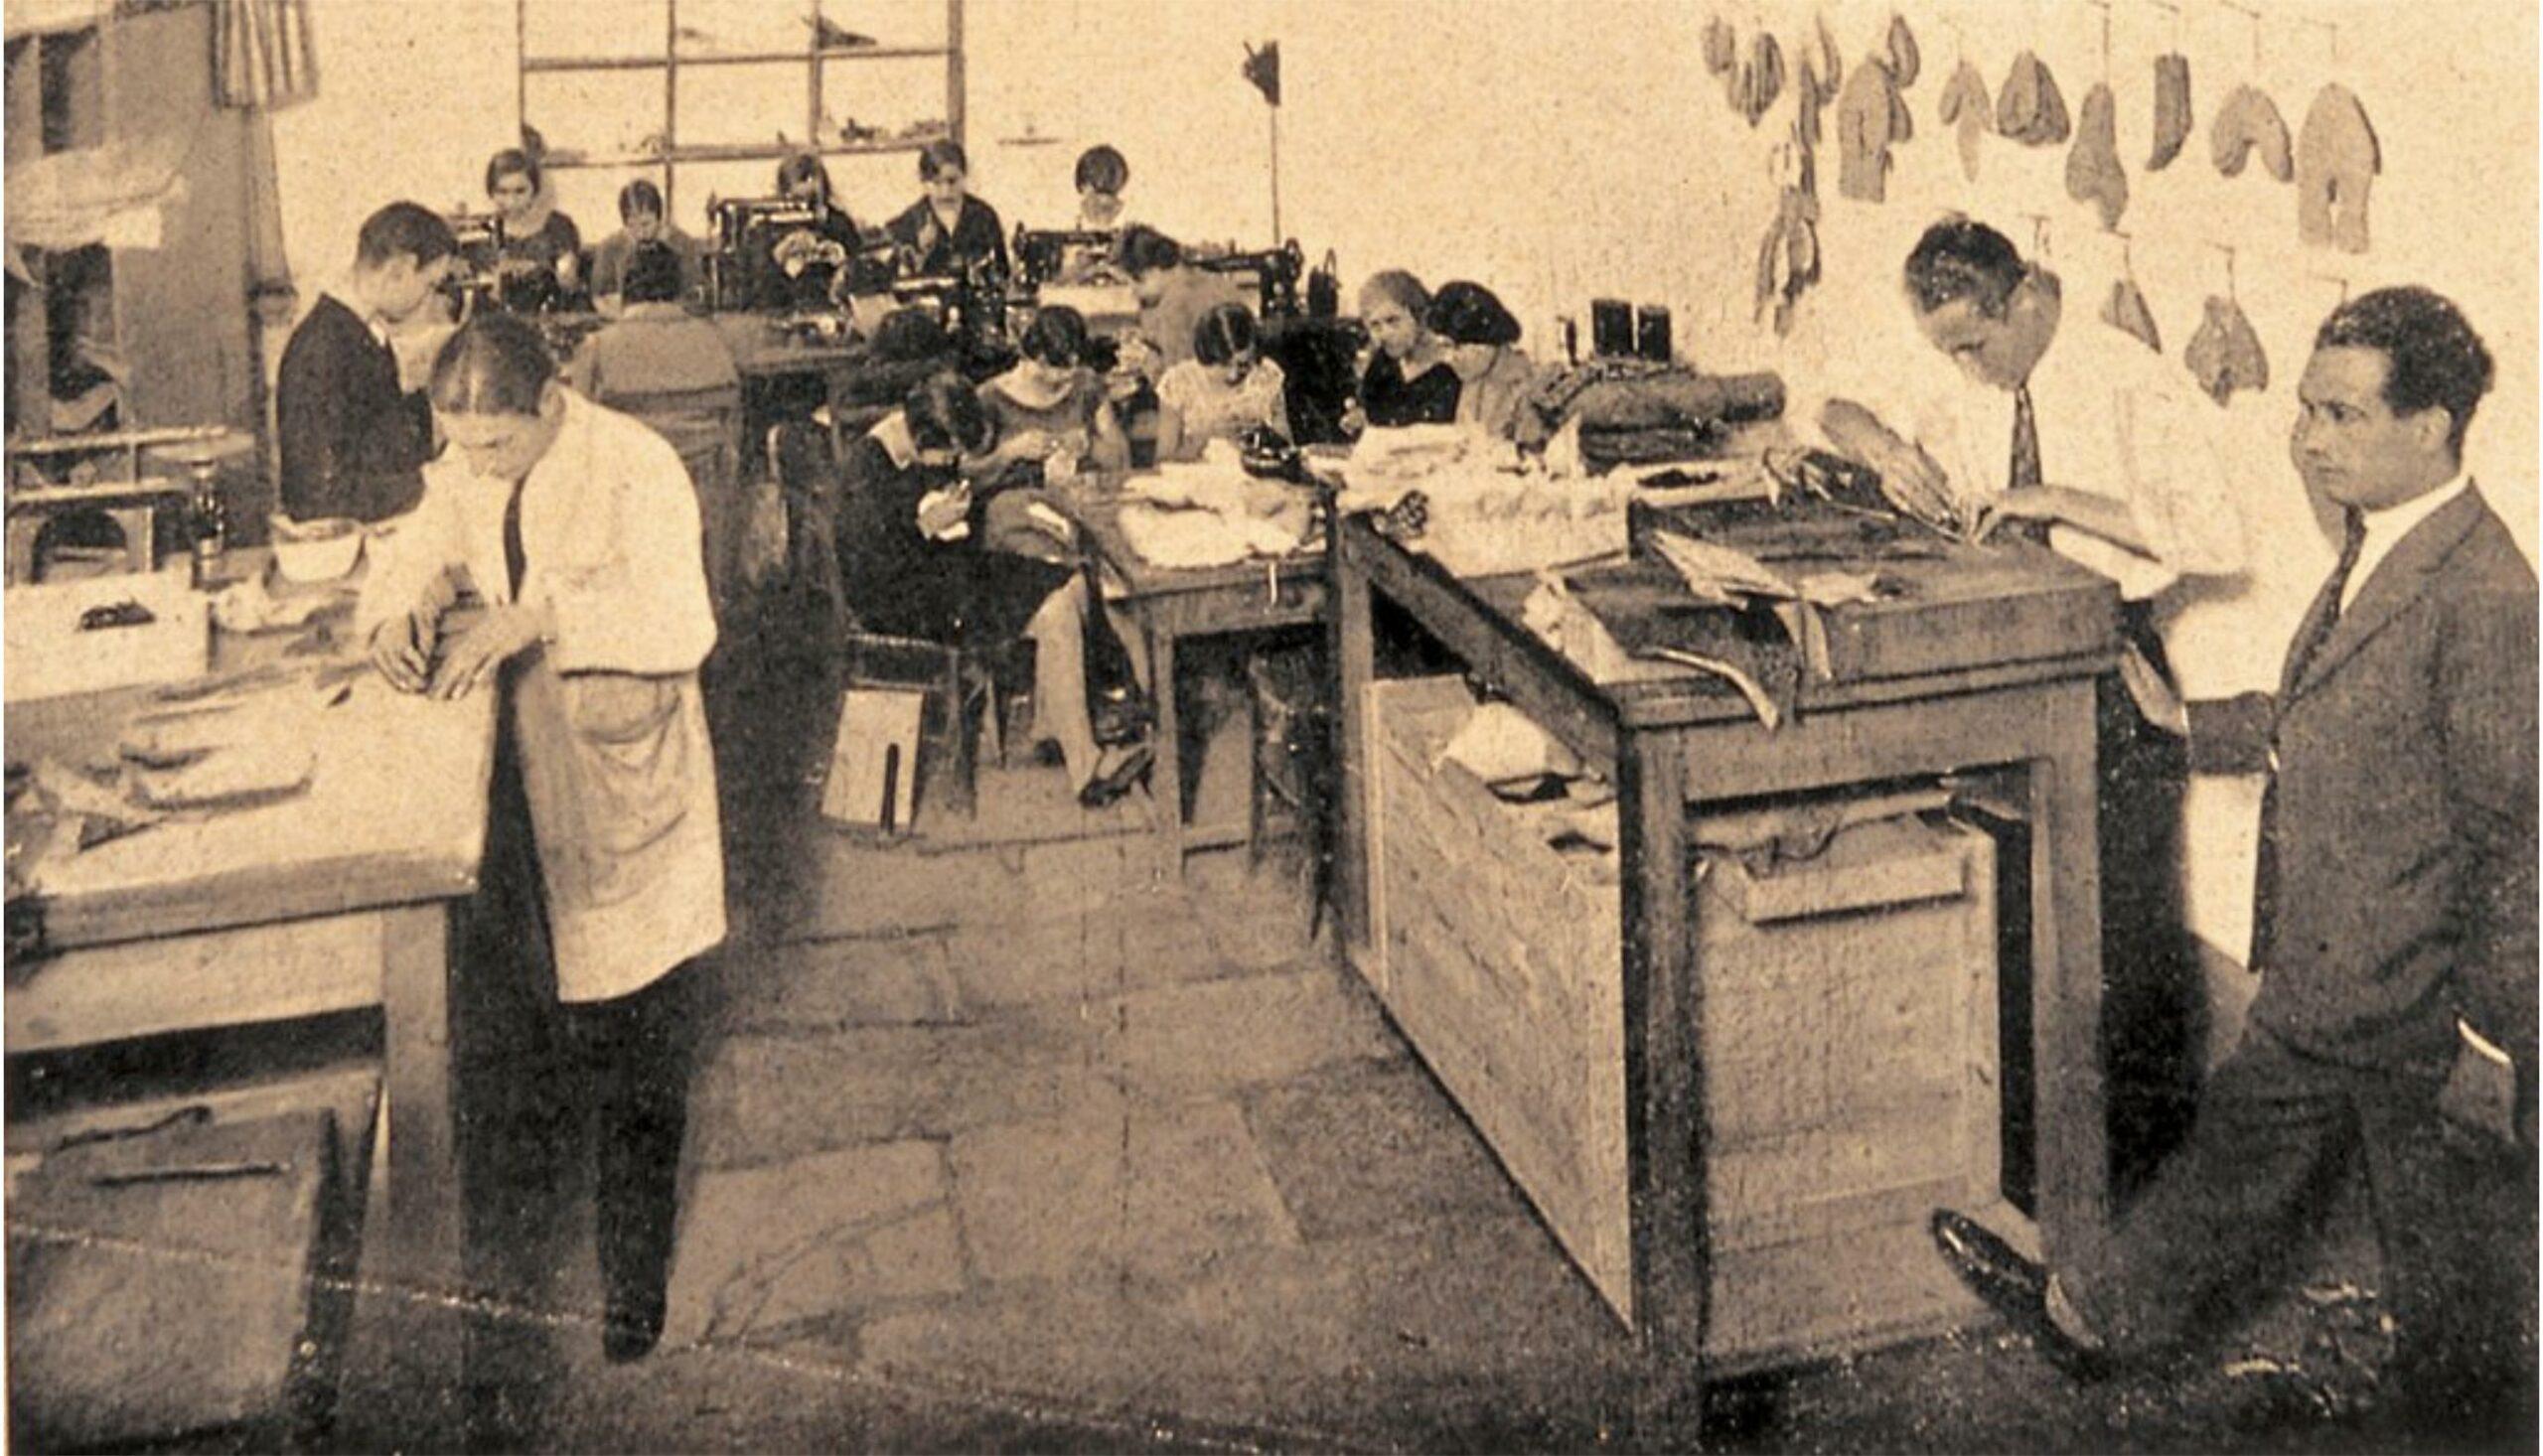 L'atelier Ferragamo à Florence en 1935, au premier plan les coupeurs qui lèvent (coupent) les différentes parties du cuir nécessaires à la fabrication de la chaussure. Au second plan les piqueuses qui  se chargent de coudre les différents morceaux de cuir. Sur le mur de droite vous pouvez voir certains des éléments en cuir qui composent une chaussure. (Source: l'Art de la chaussure)